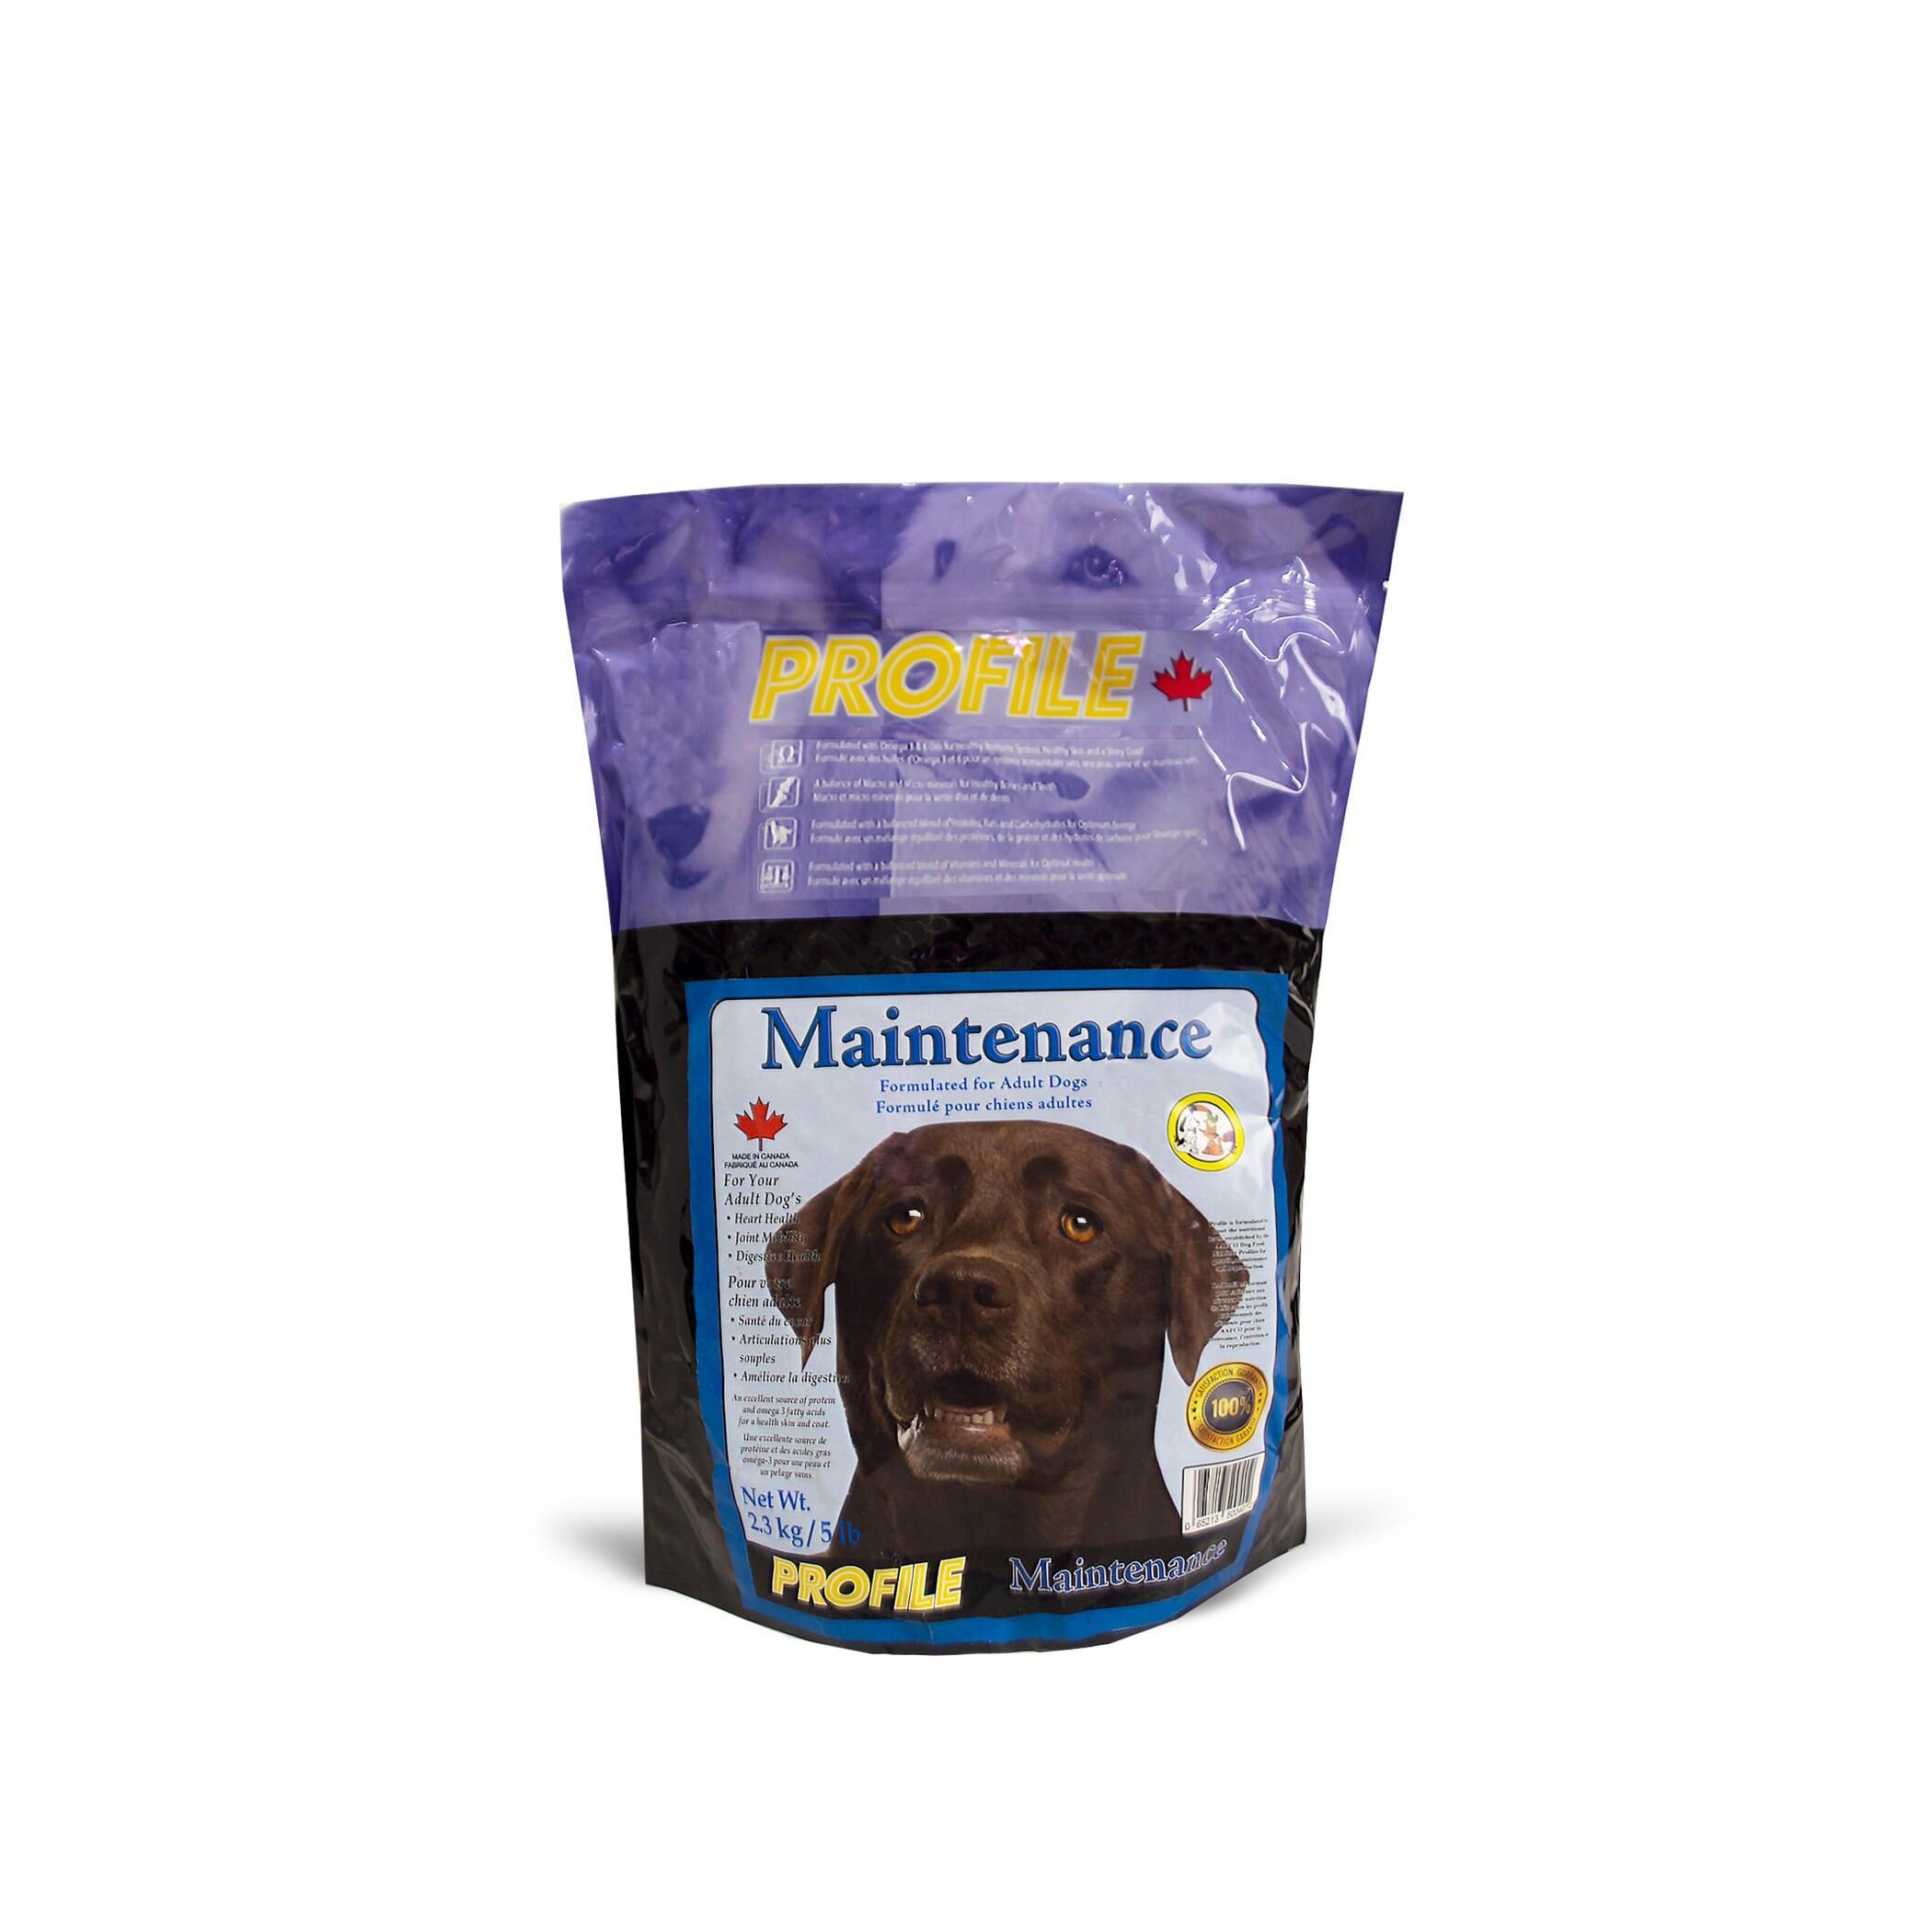 Profile Maintenance Dry Dog Food Image